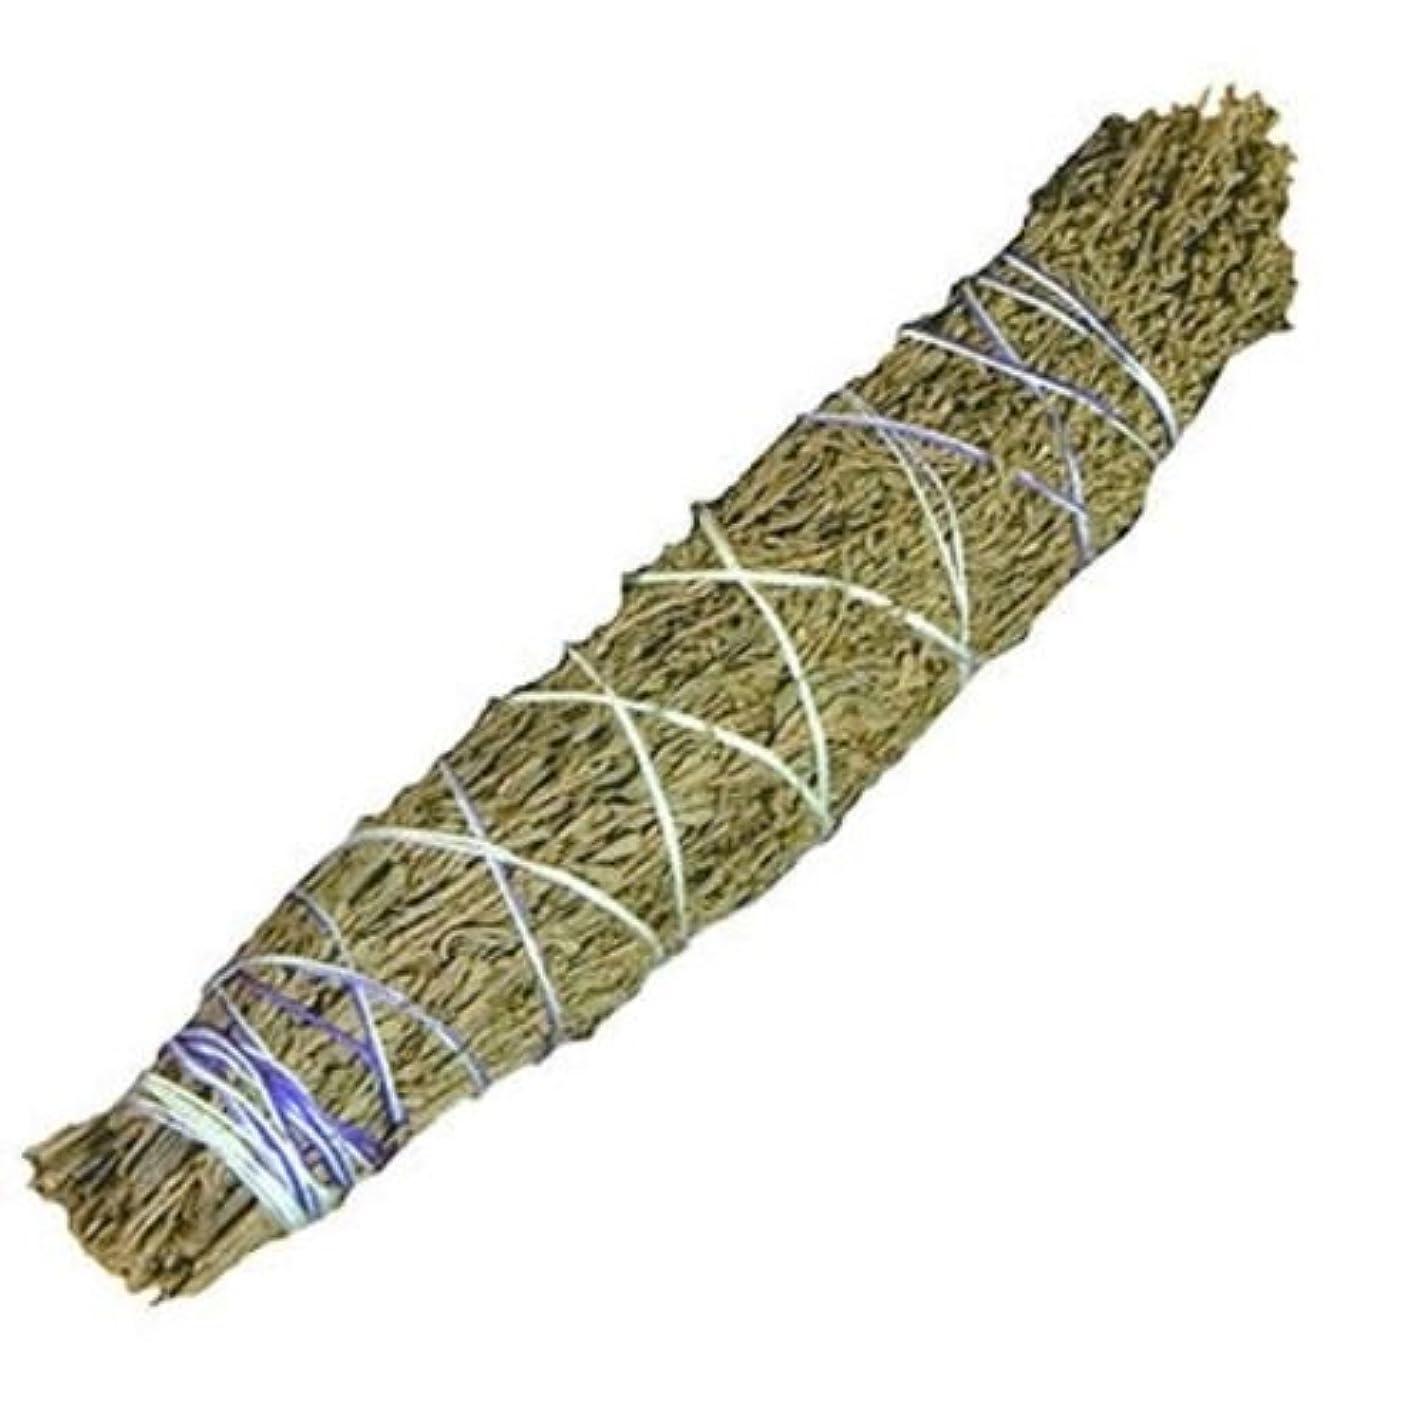 準備するウィザードメーカー2つSmudge sticks-ラベンダー&セージ、植物